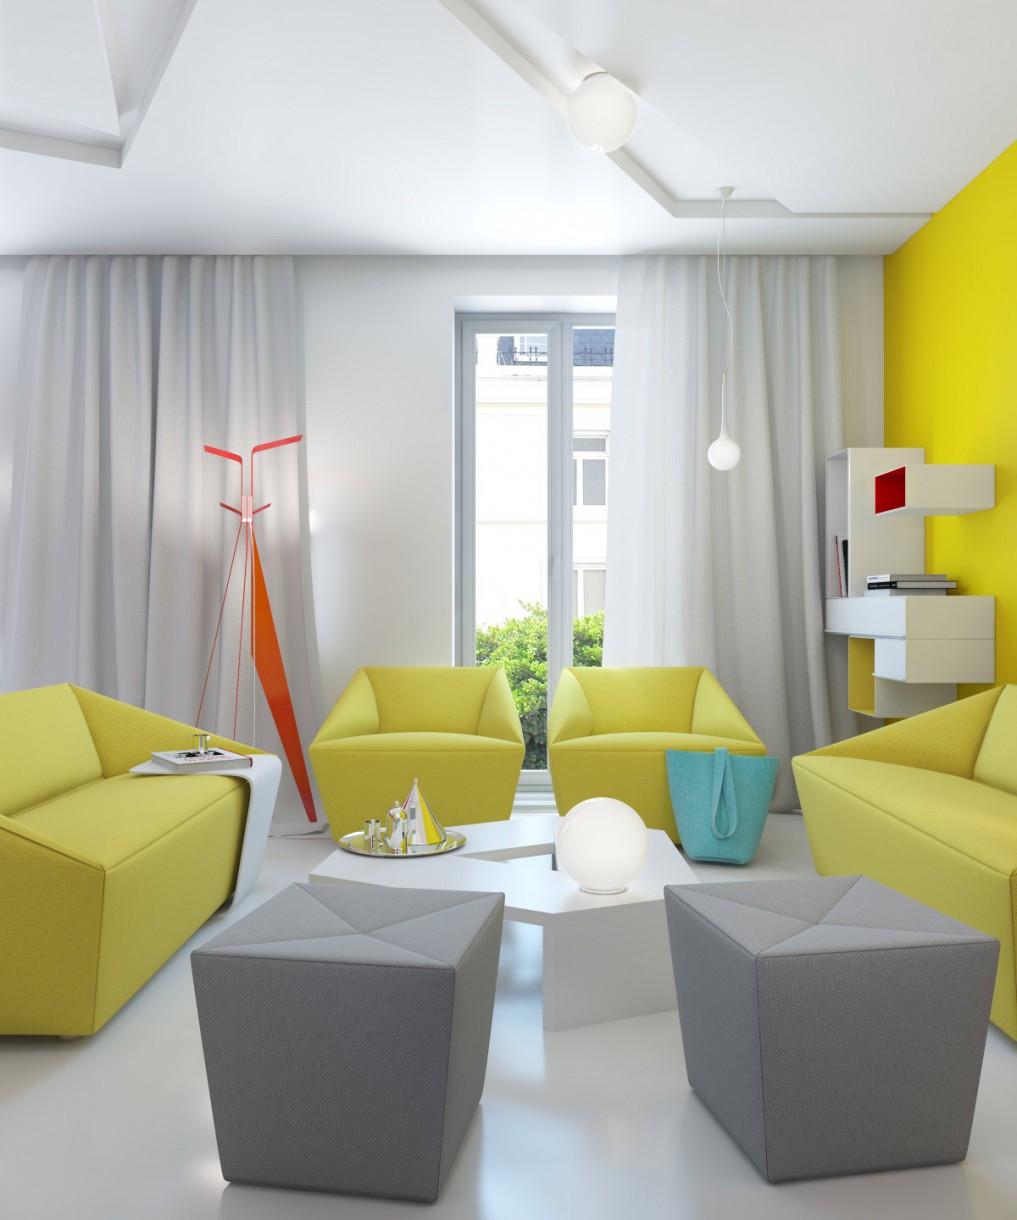 Langsir ruang tamu moden minimalis sesuai untuk ruang tamu putih yang menyerlahkan aura mewah